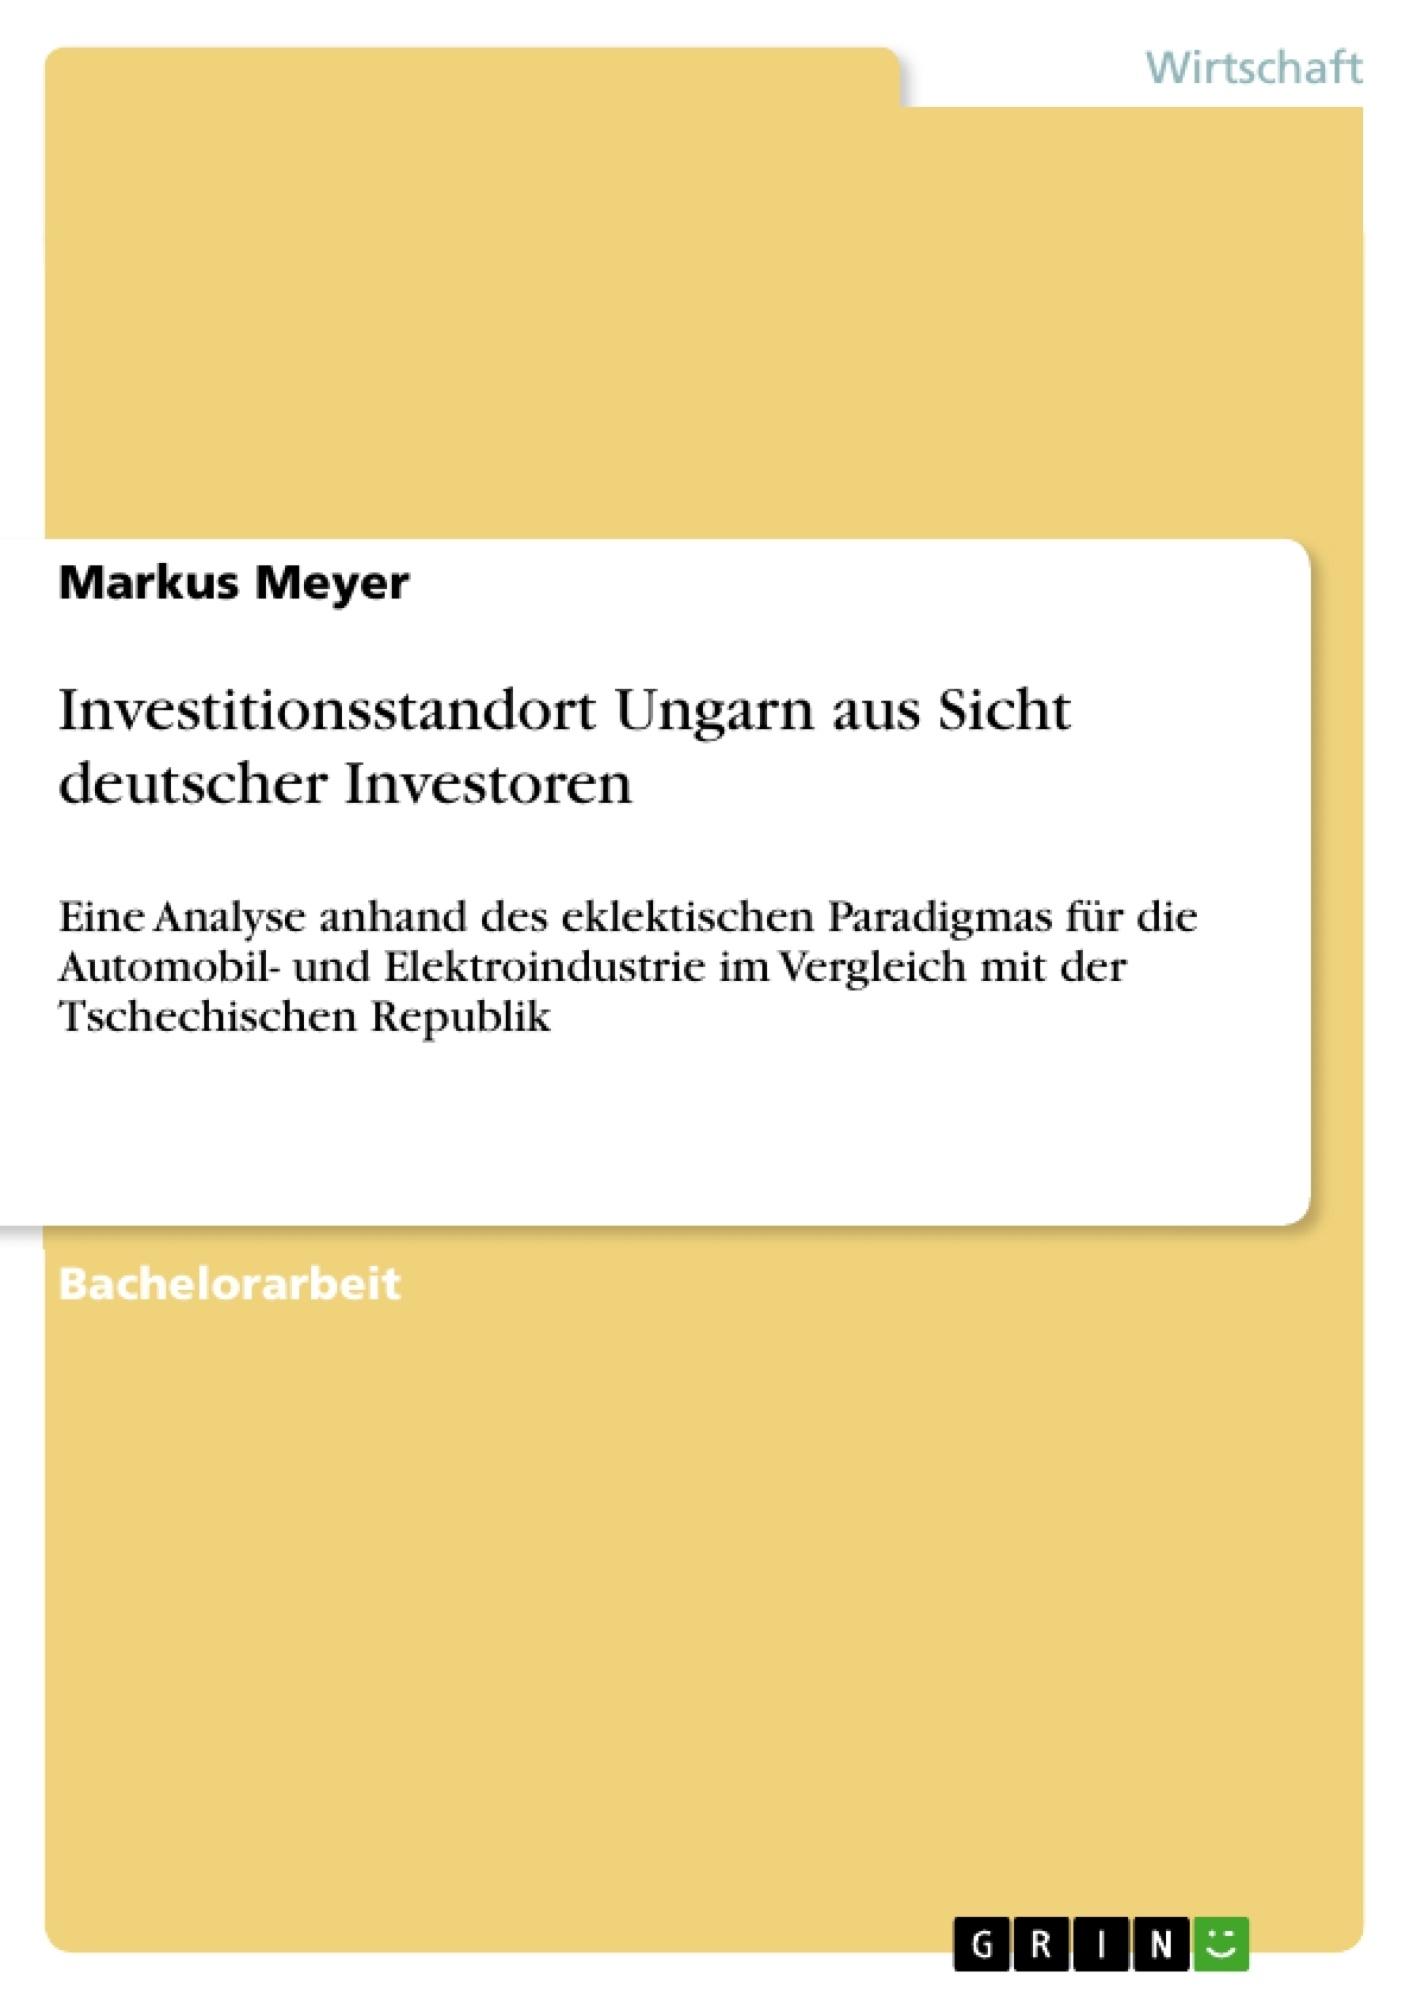 Titel: Investitionsstandort Ungarn aus Sicht deutscher Investoren